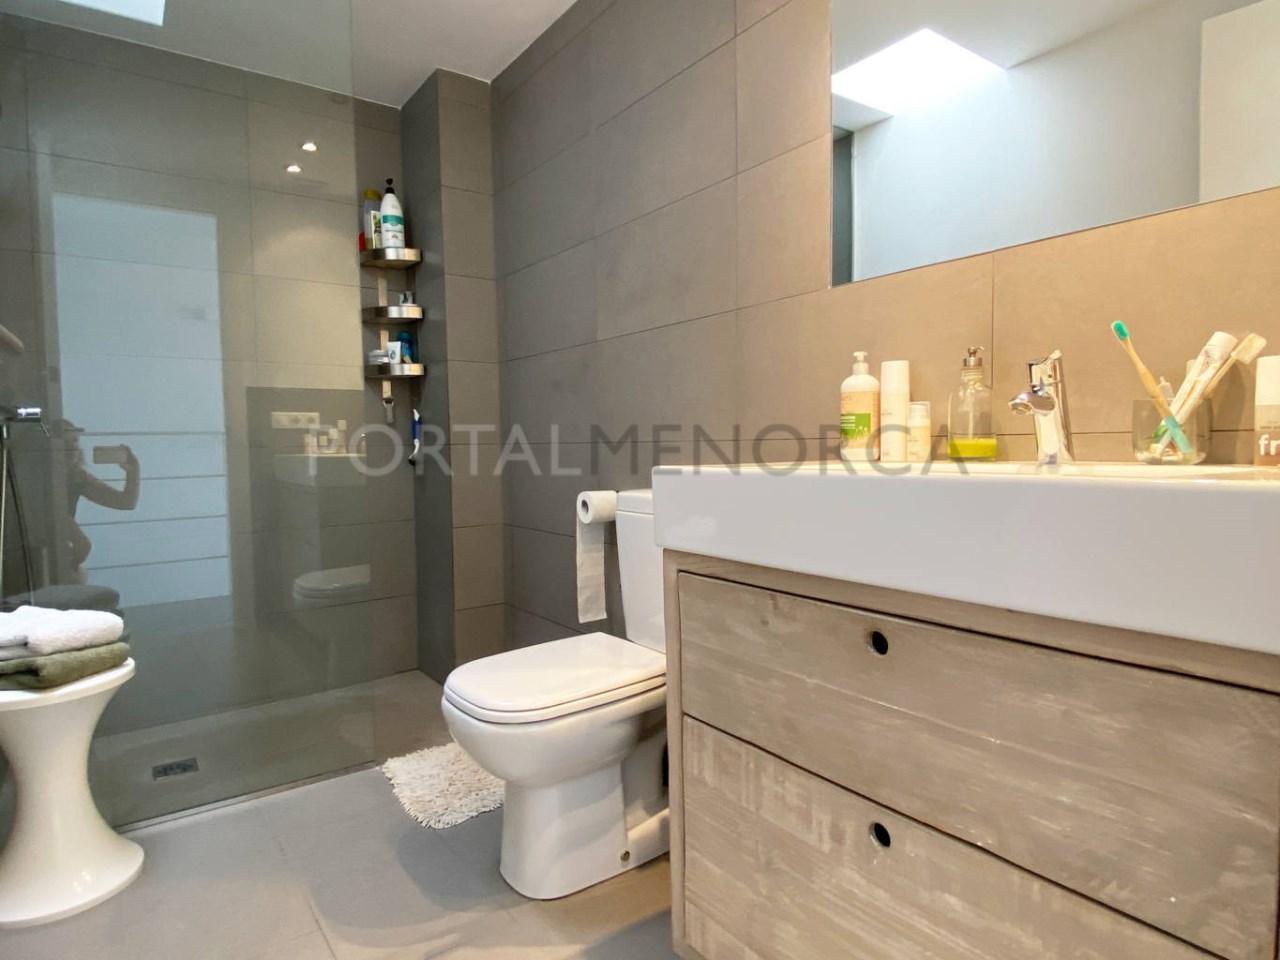 Flat in Ciutadella_bathroom